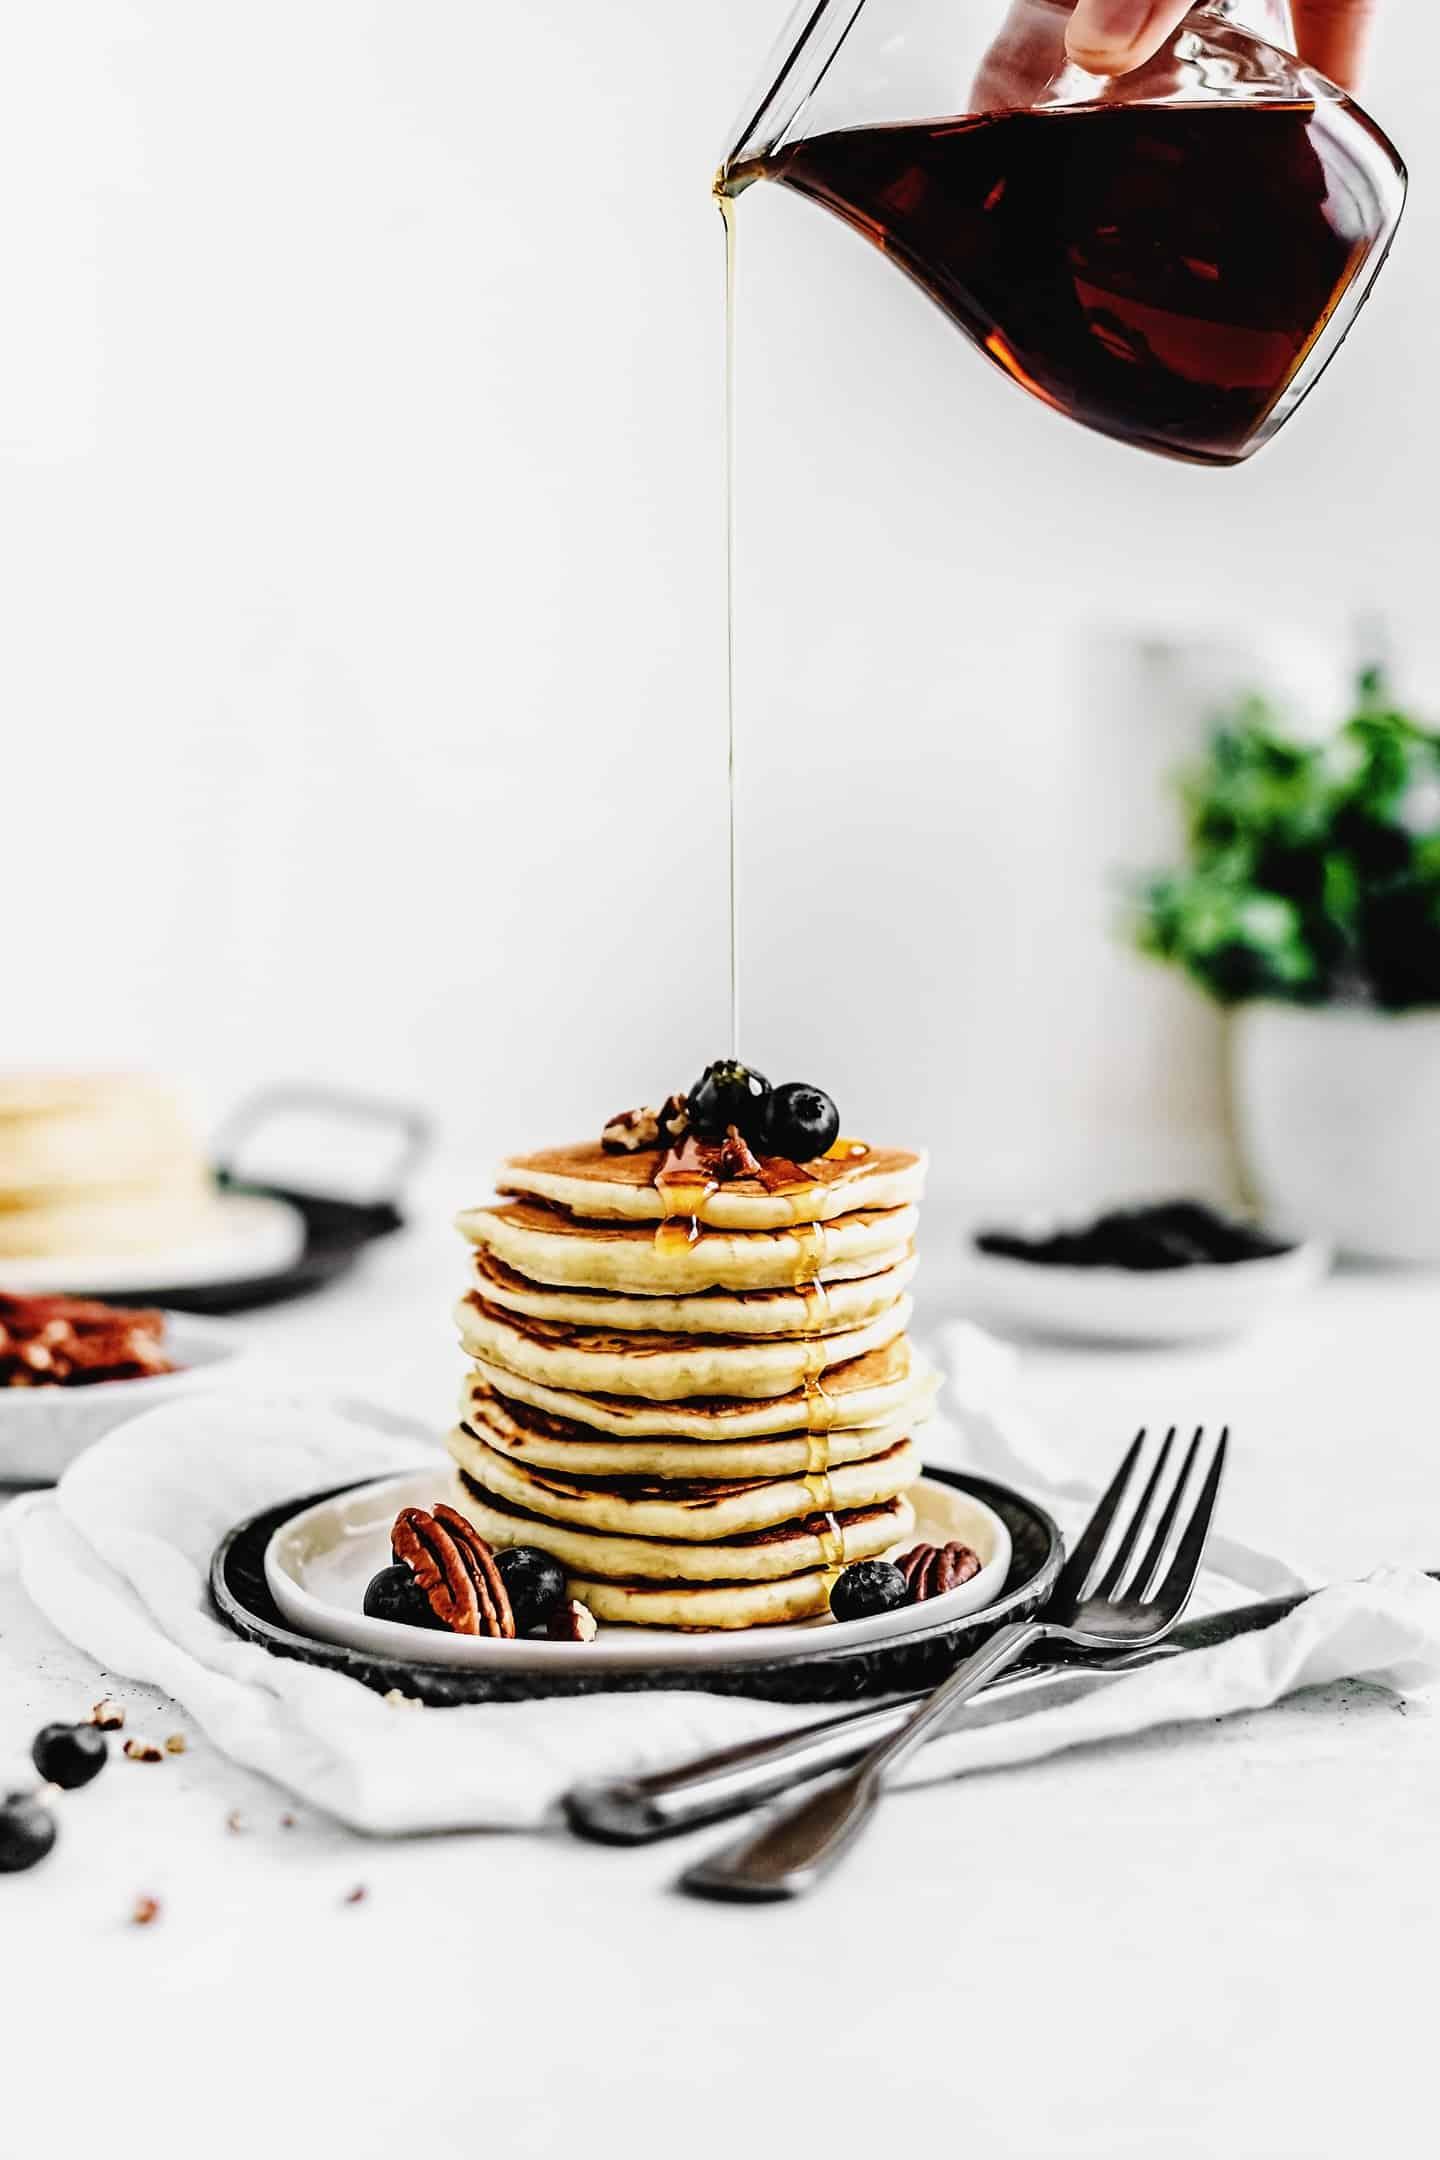 Recette pancakes maison facile